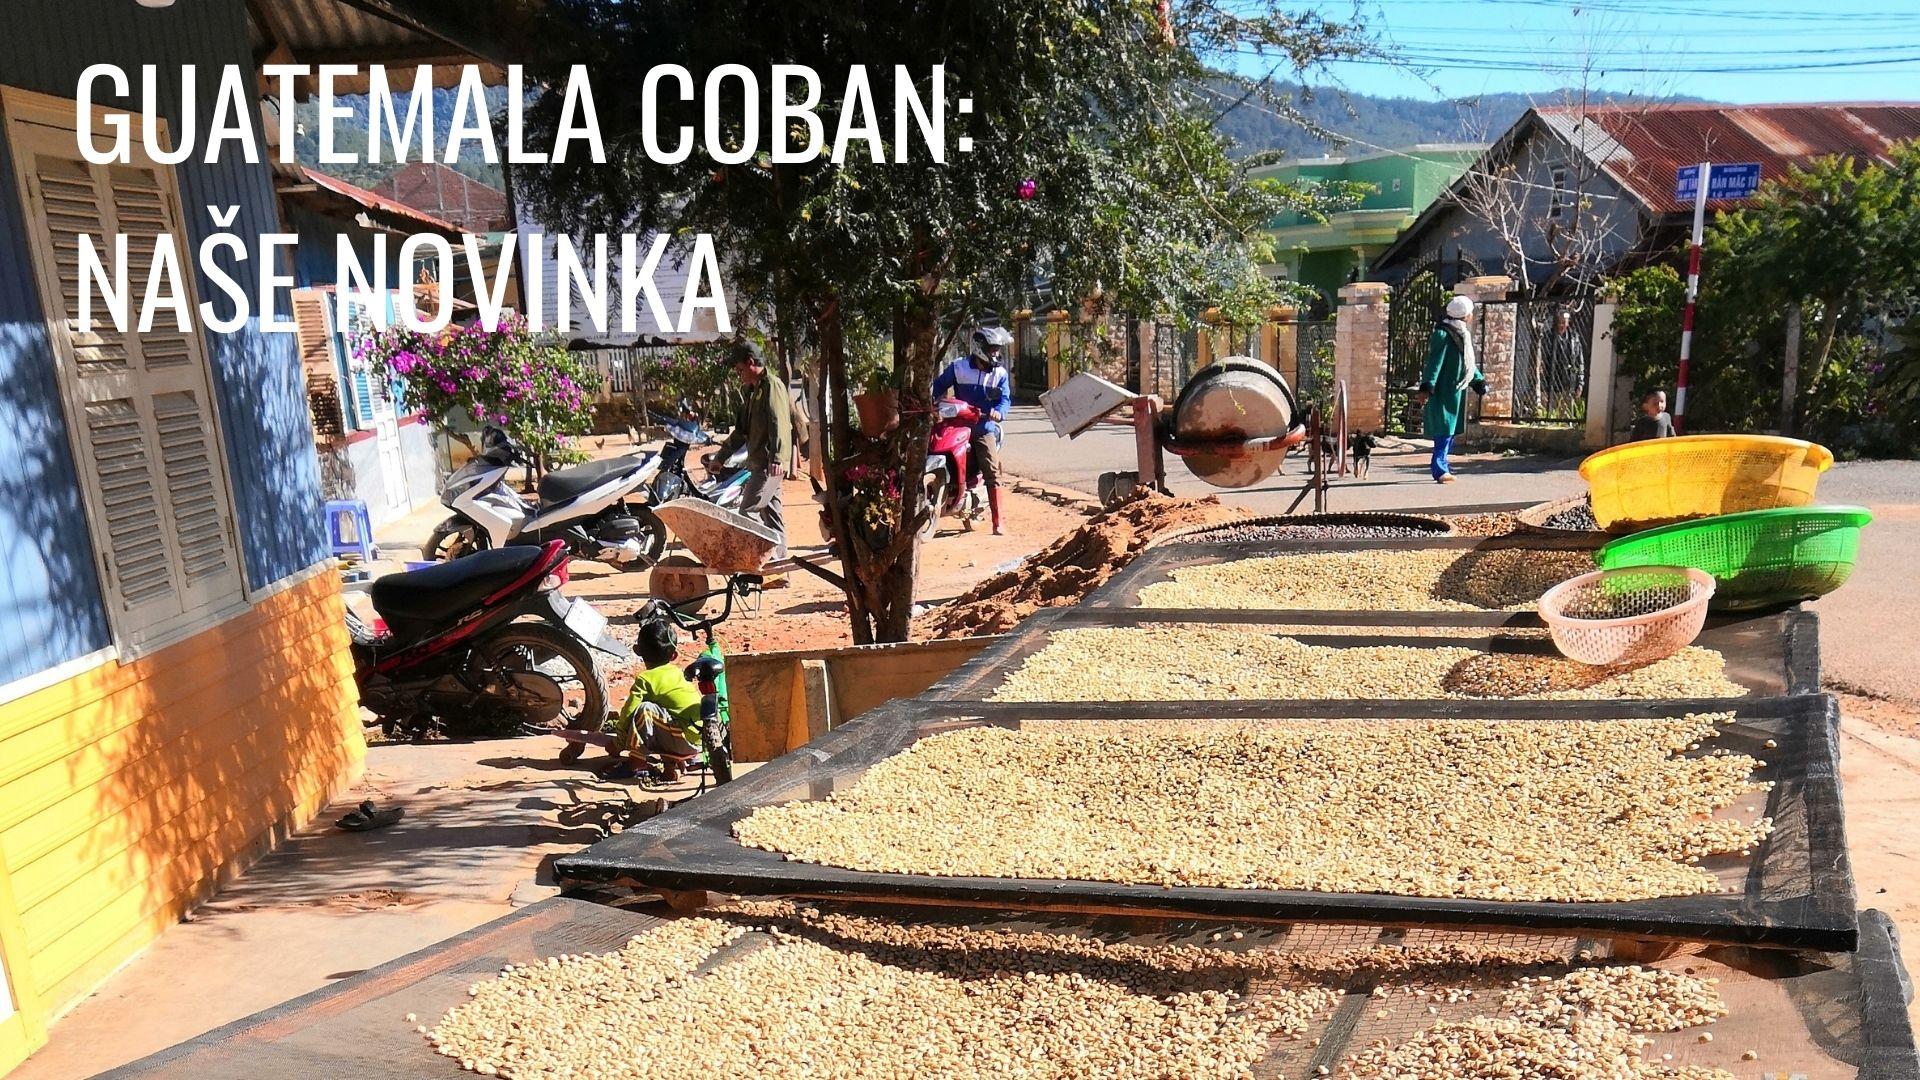 Guatemala Coban: naše novinka